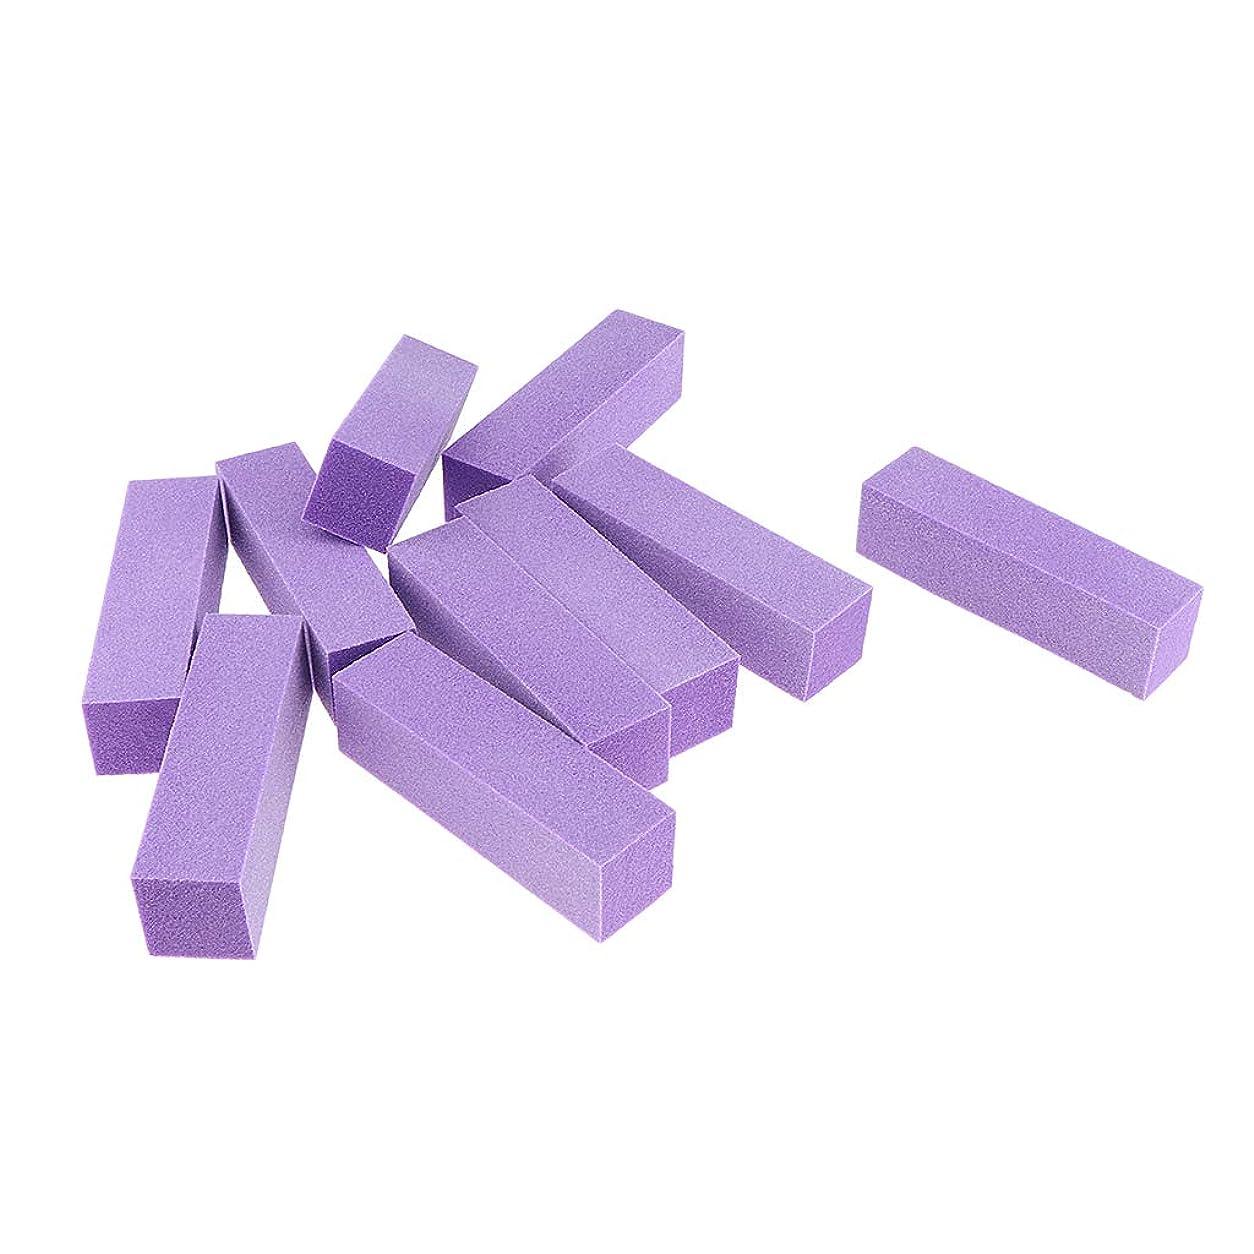 避けられないスリラー禁止するIPOTCH 10個 ネイルアート バッファーファイルブロック マニキュア 6色選べ - 紫